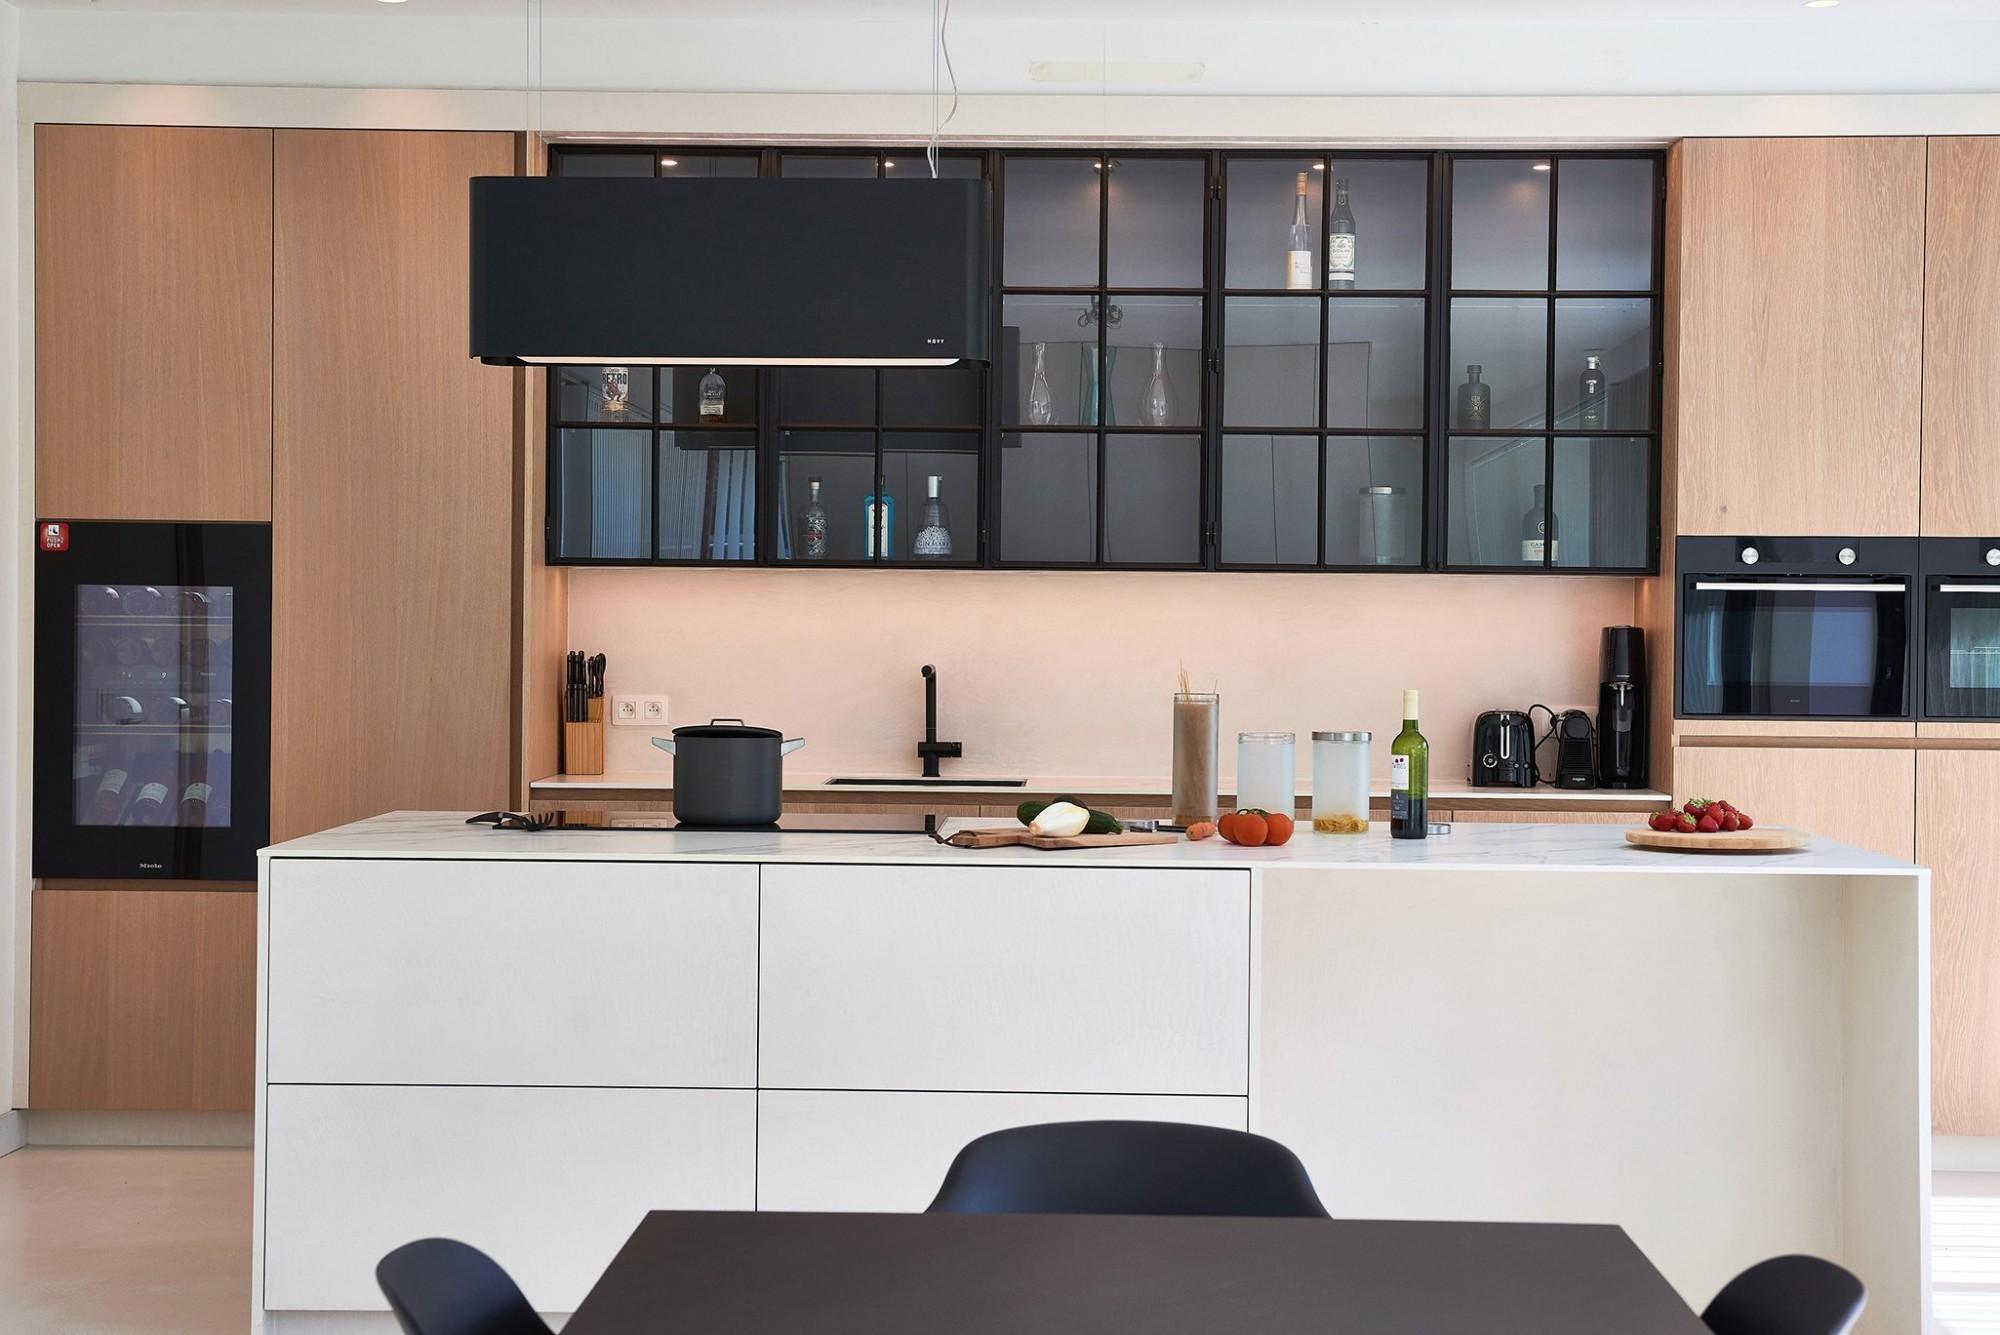 Afbeelding: Keuken fotografie voor Krijnen Malle, foto Van Huffel.